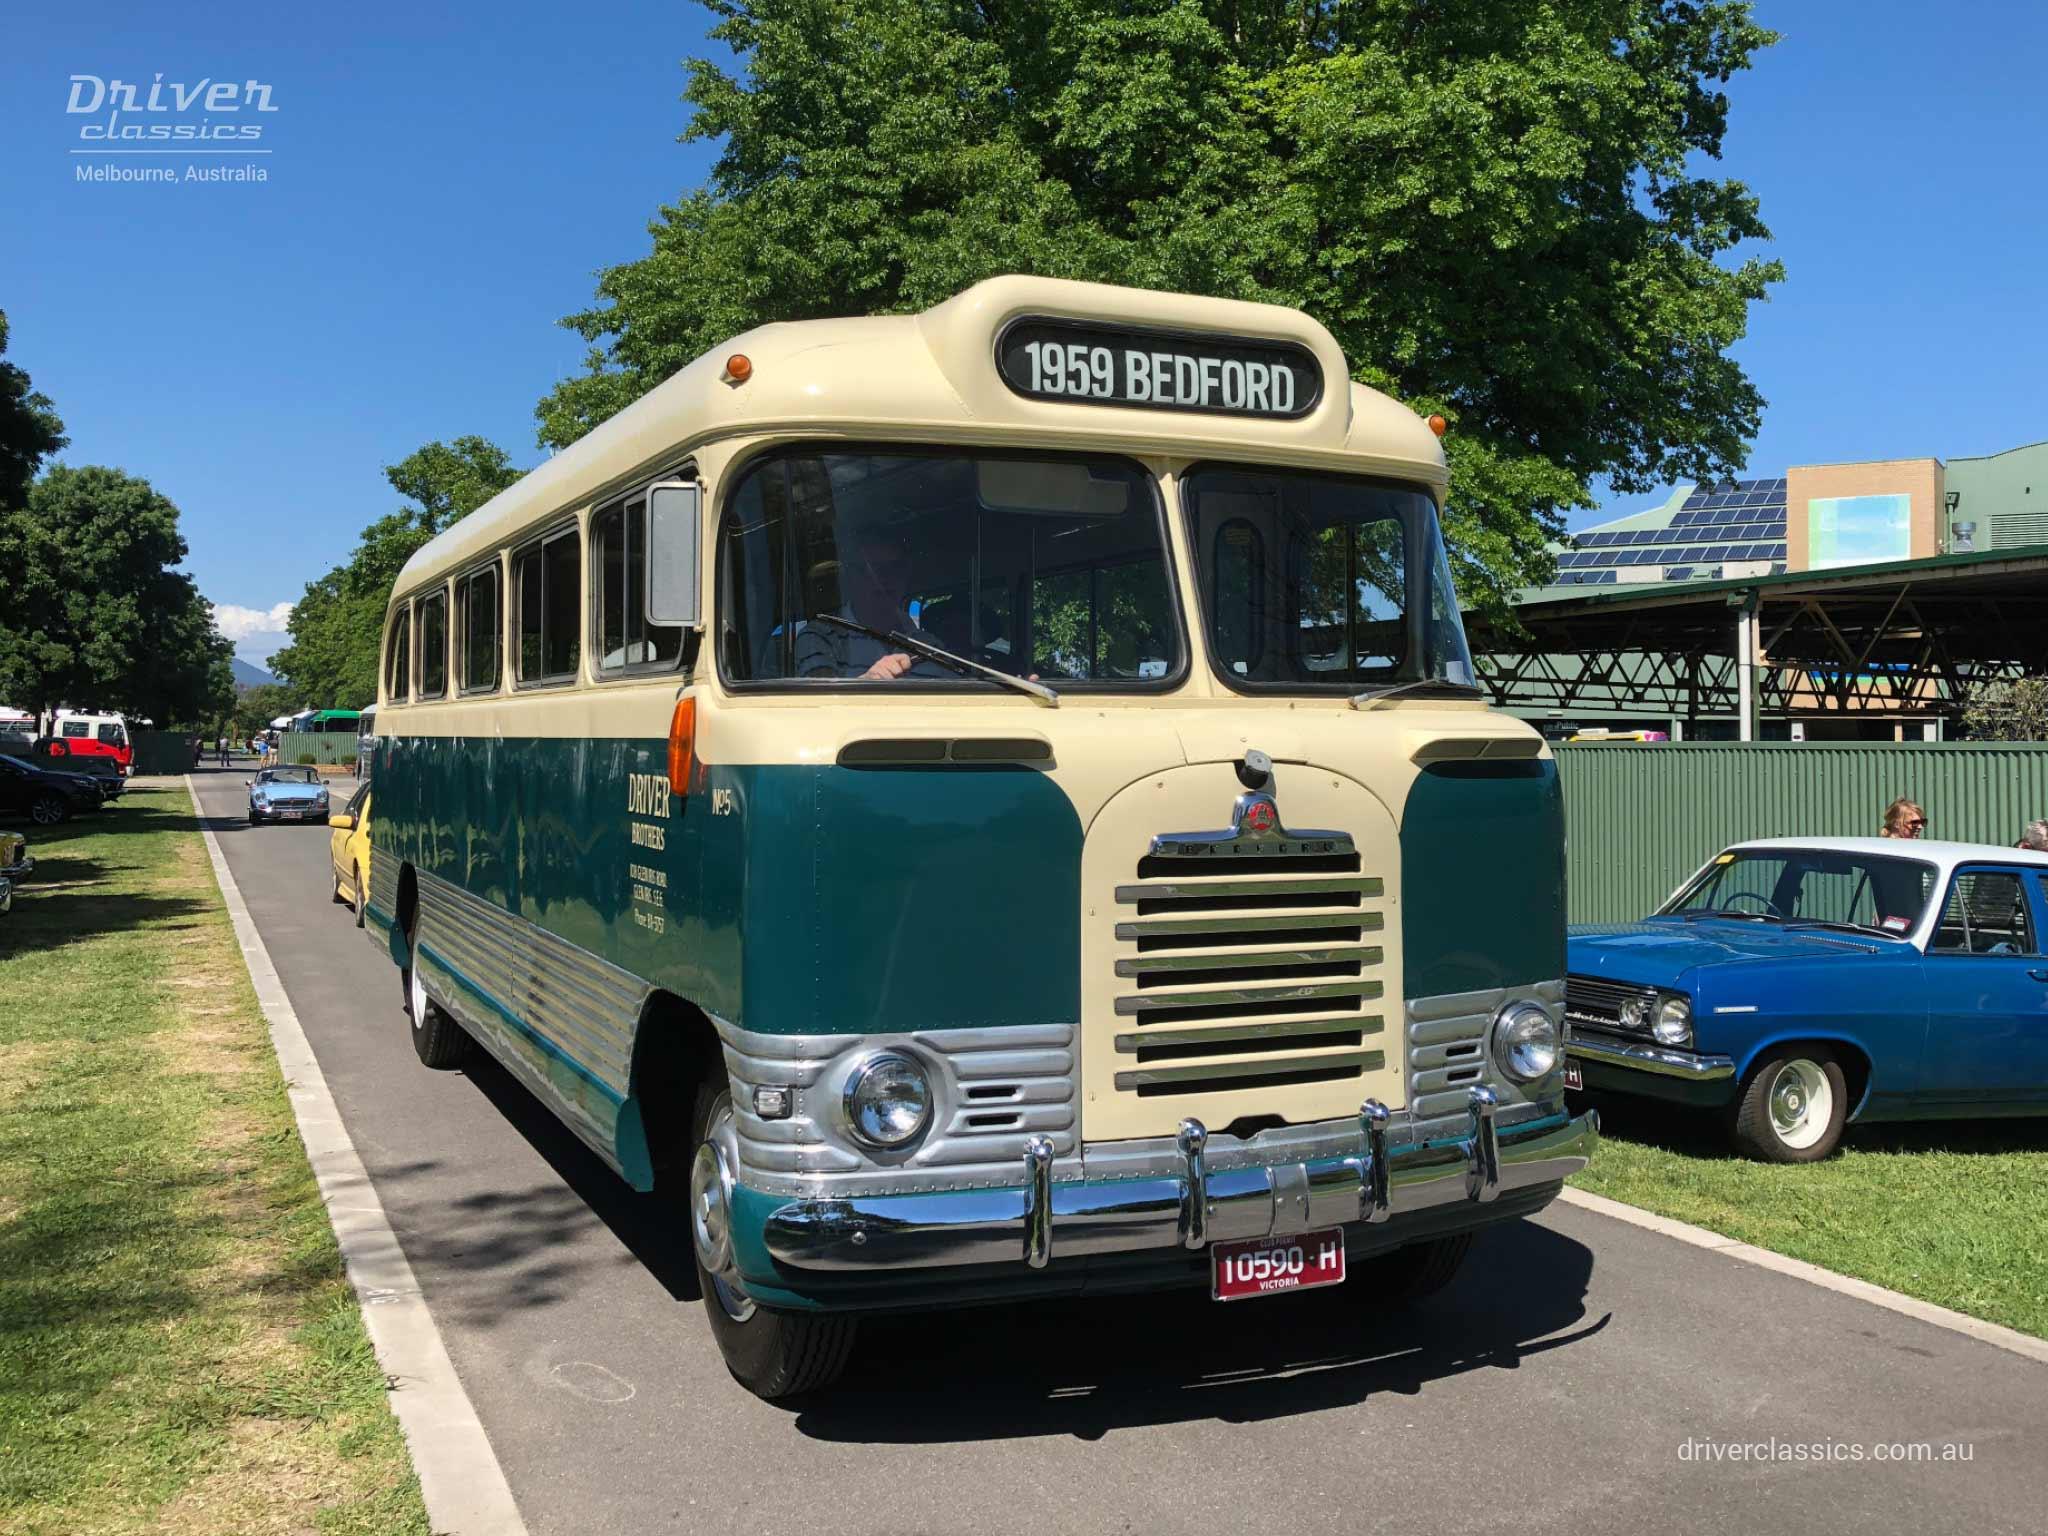 1959 Bedford SB3 bus front and side, 1959 version, Yarra Glen VIC, Photo taken November 2018